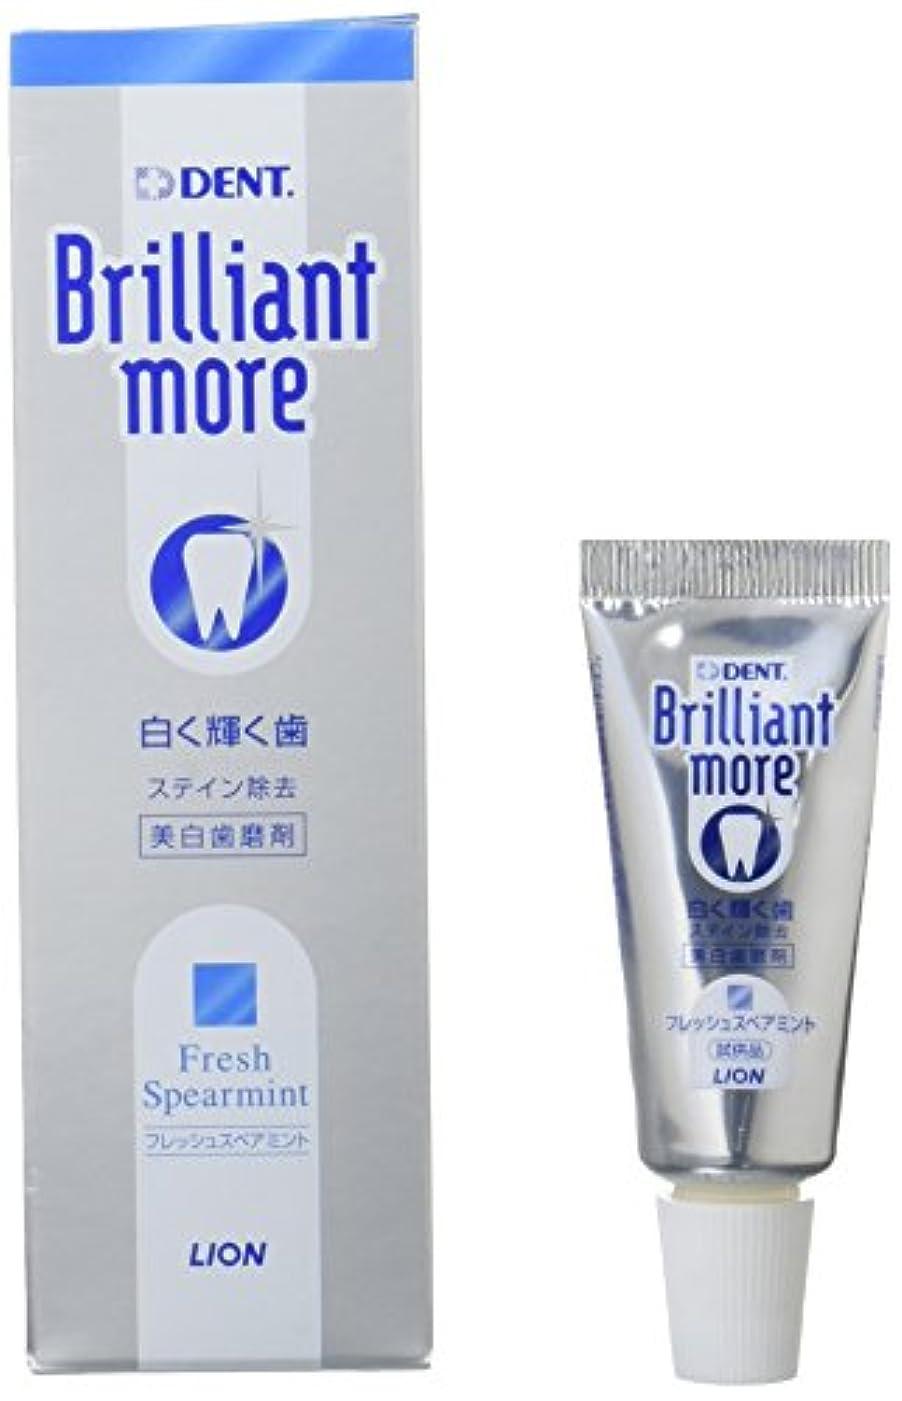 補うリード悪性腫瘍ライオン ブリリアントモア フレッシュスペアミント 歯科用 美白歯磨剤 90g×2本 (試供品 20g×1本付き)期間限定